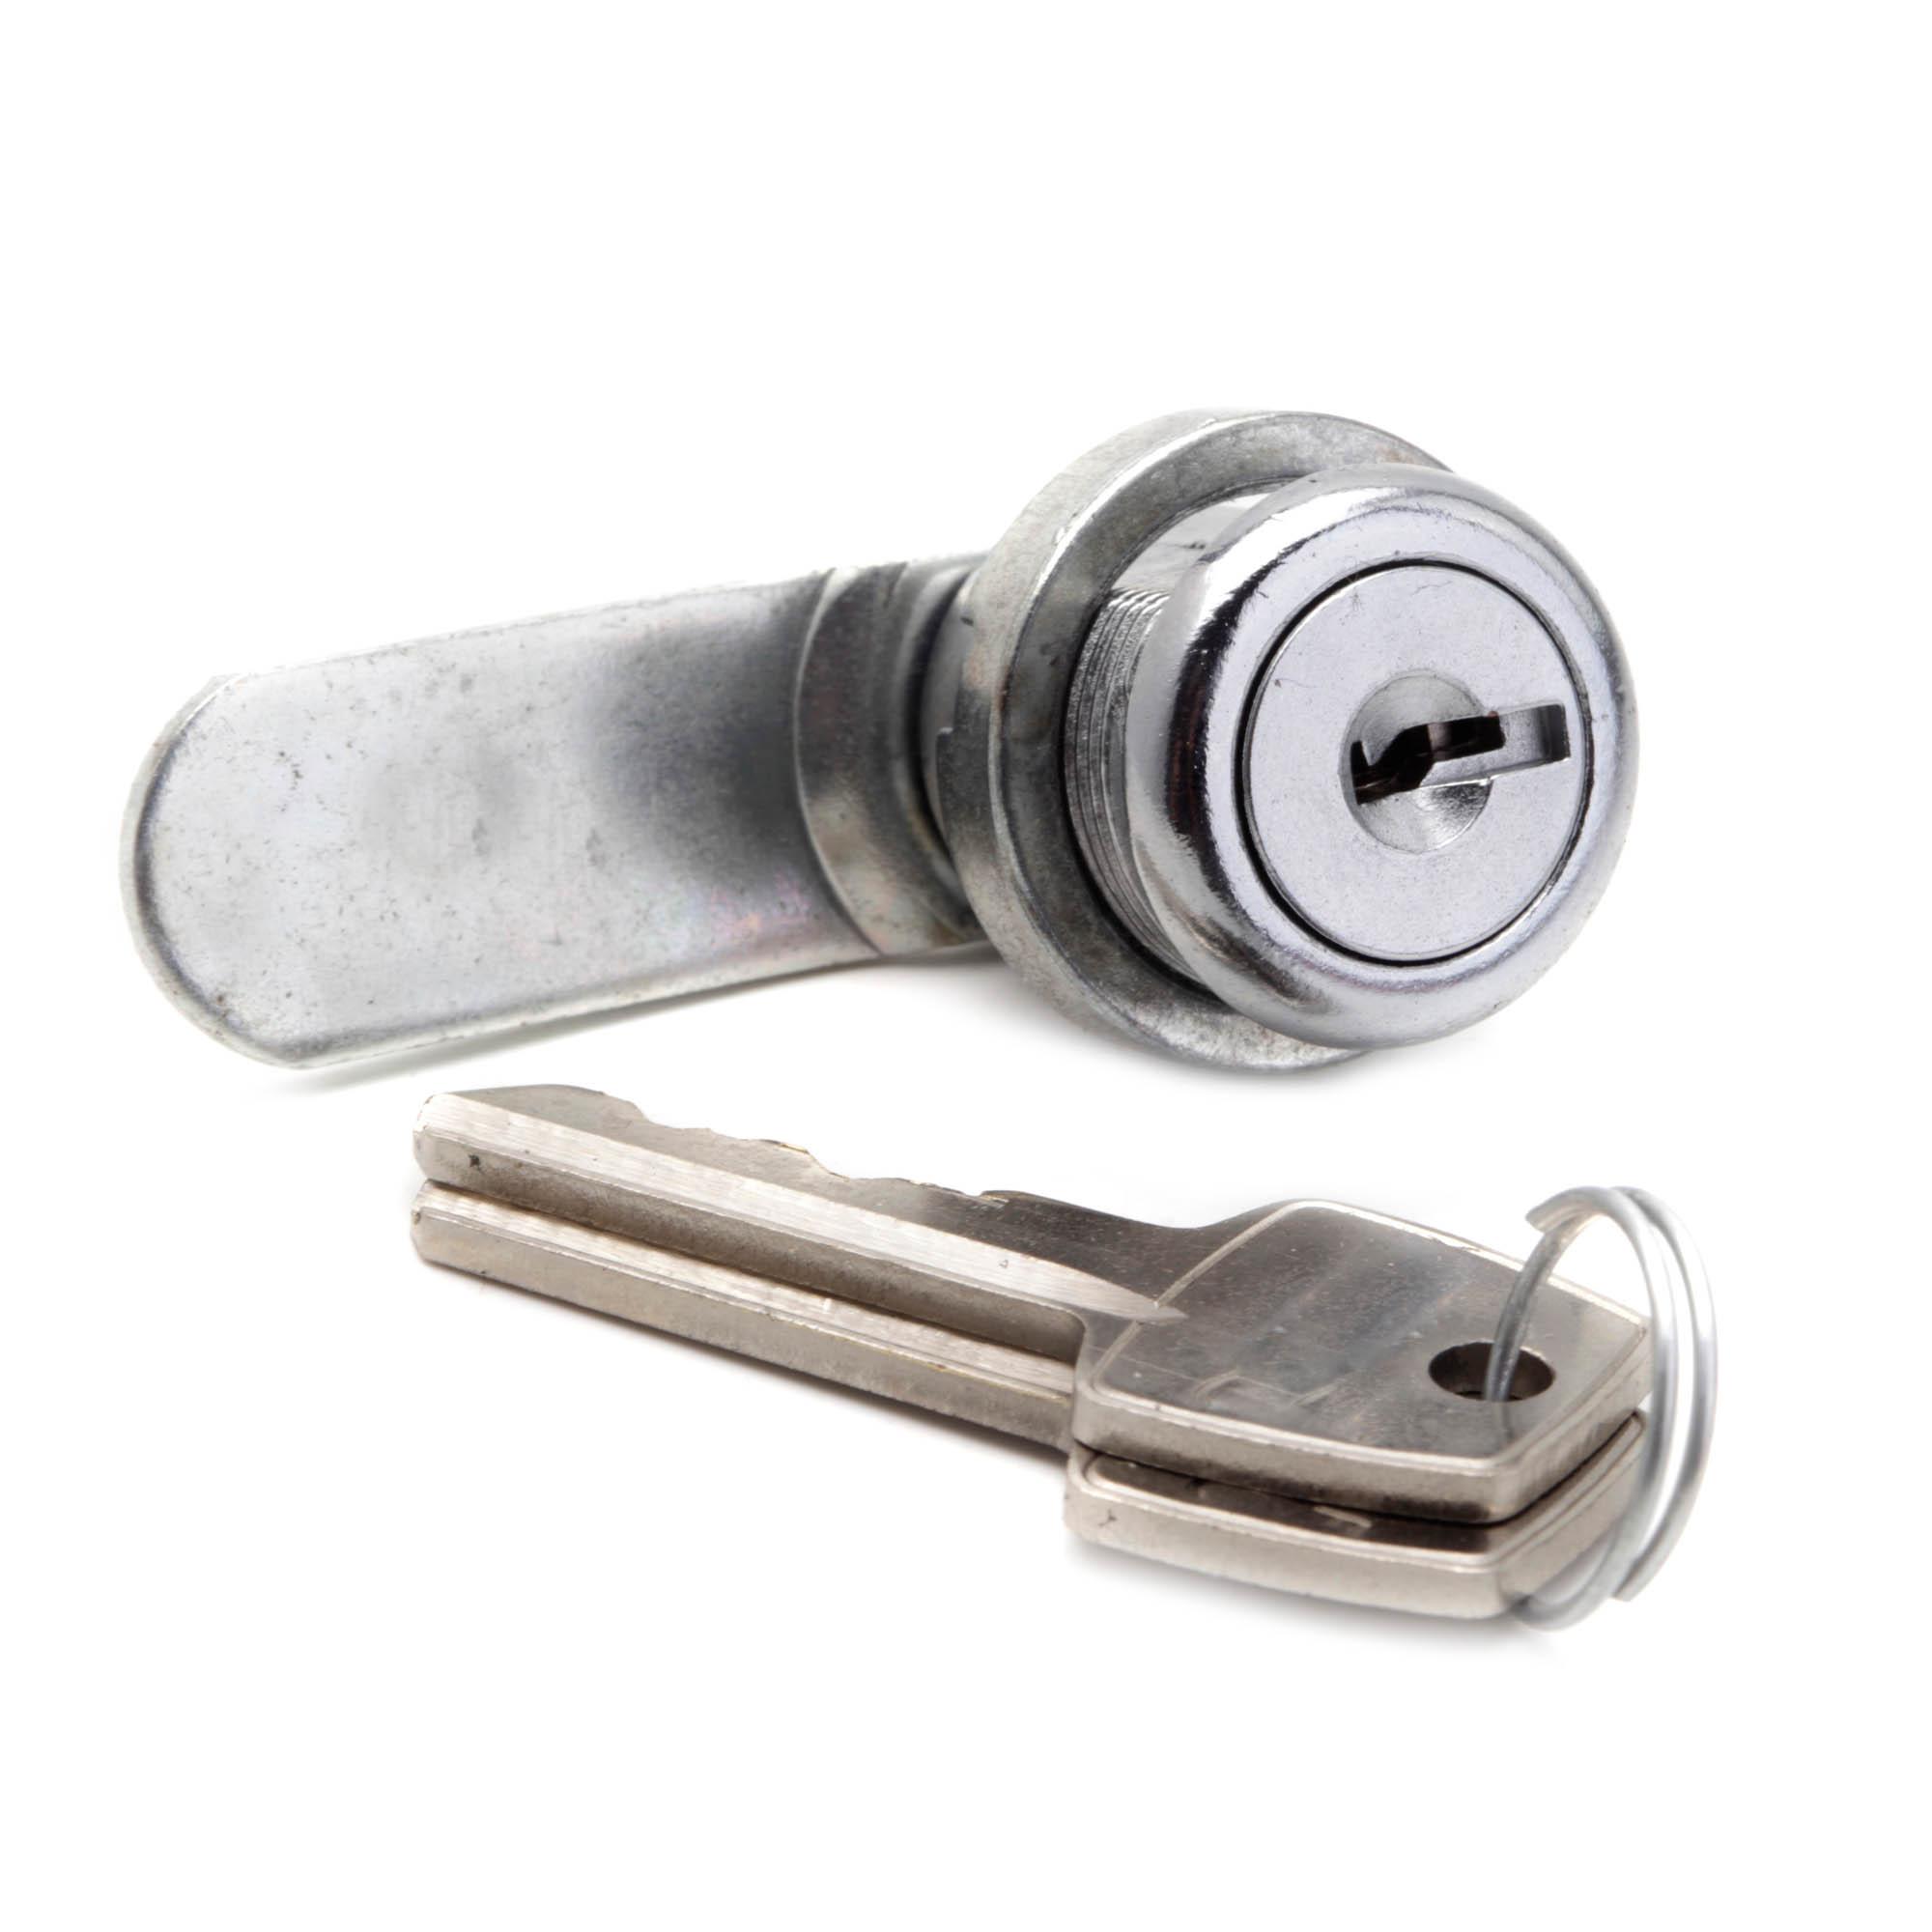 fechaduras-e-travas